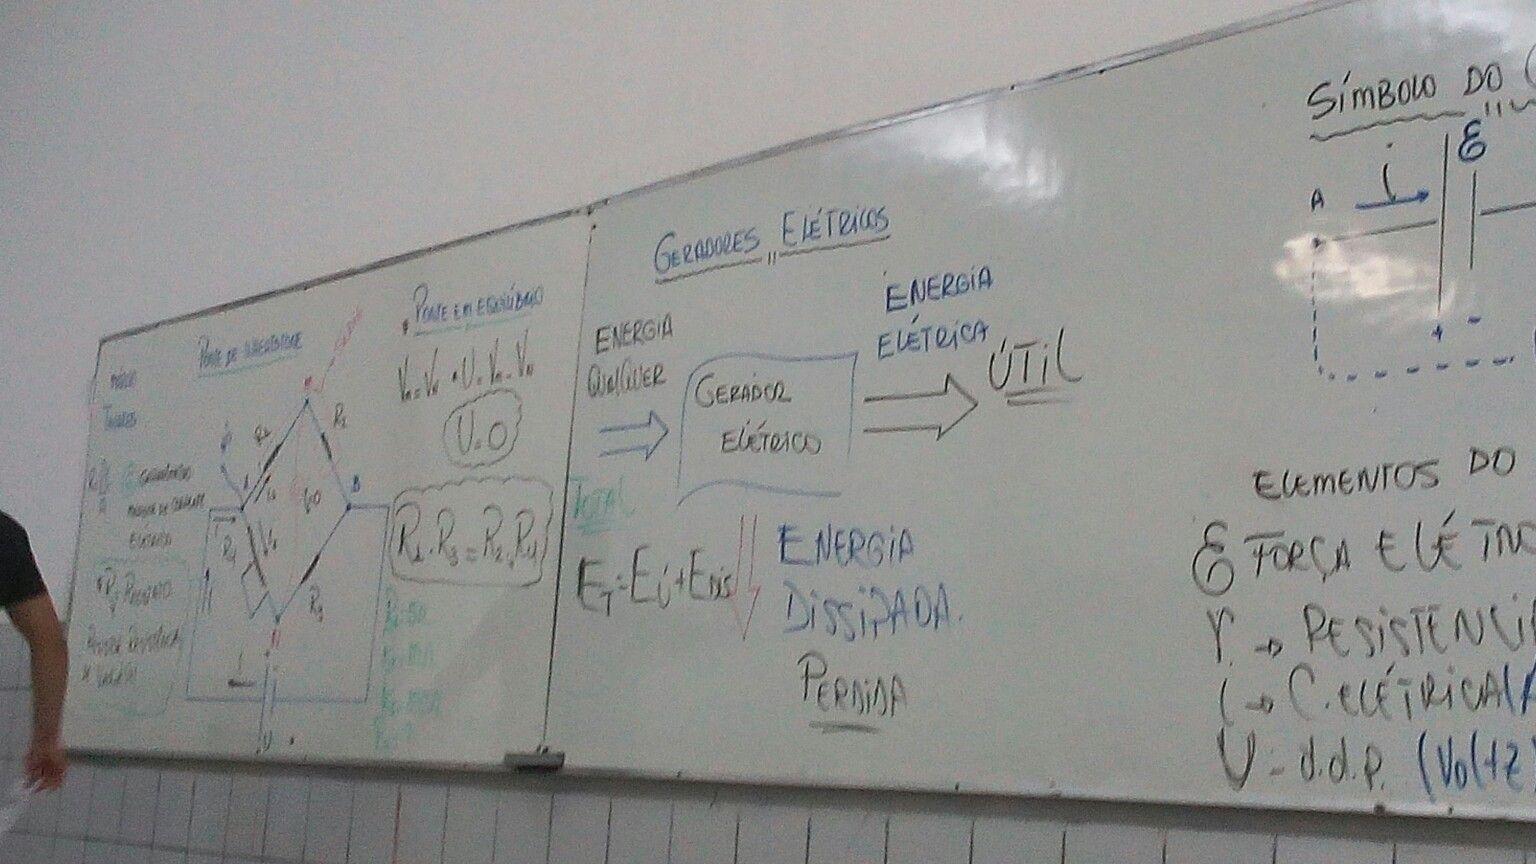 #Fisica: Gerador elétrico parte I